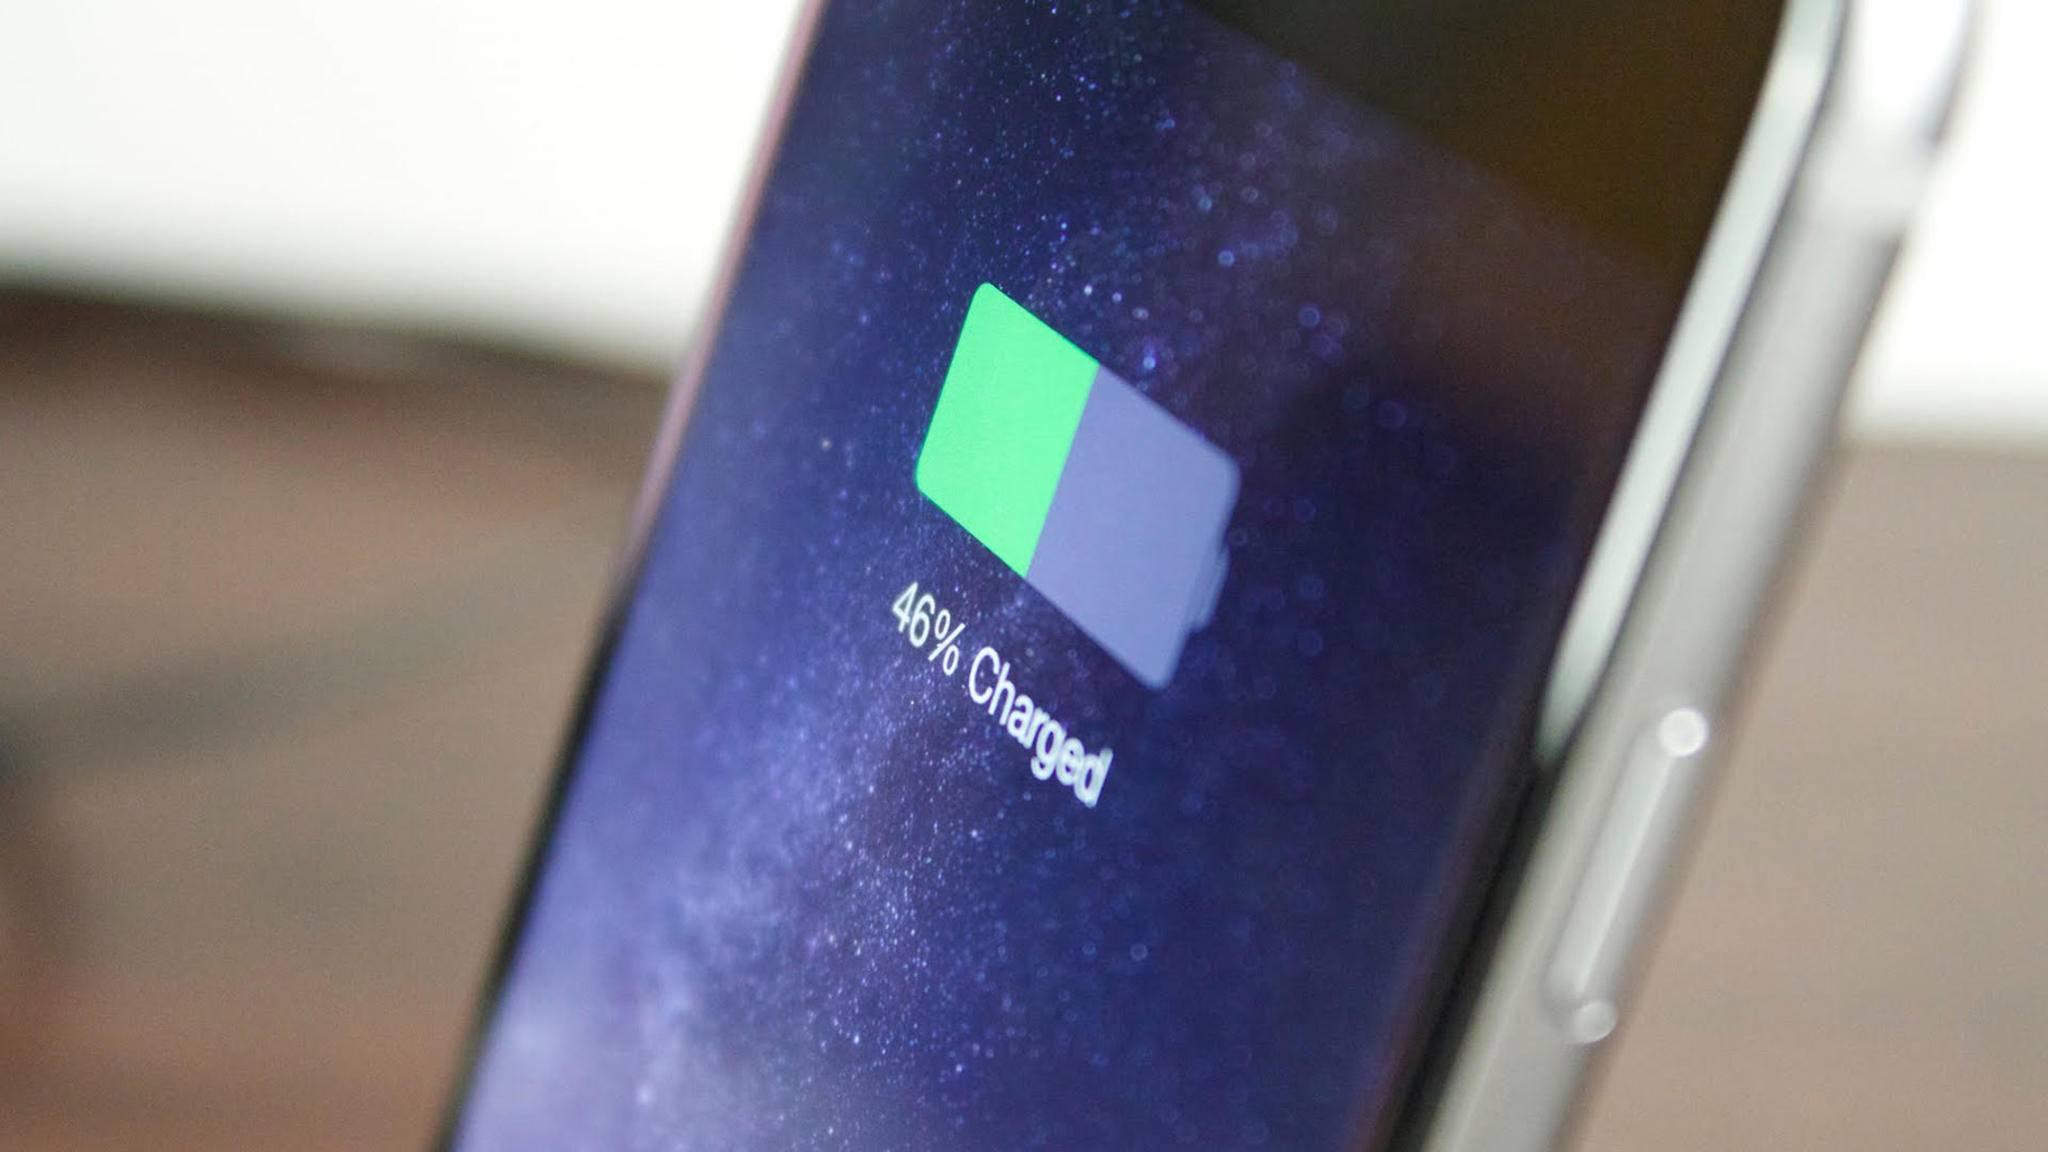 Bislang liefert Apple kaum Infos zum iPhone-Akku – das dürfte sich aber mit einem der nächsten Updates ändern.